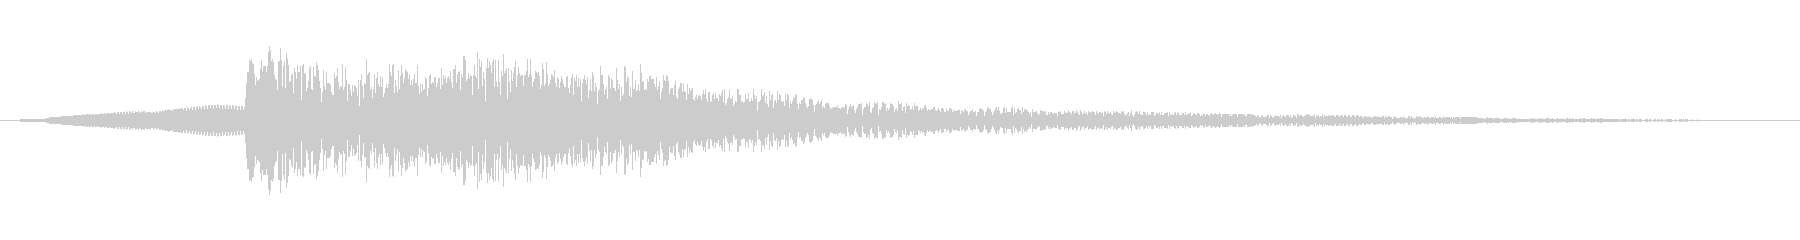 オリエンタルキッチン、ガムランベル...の未再生の波形